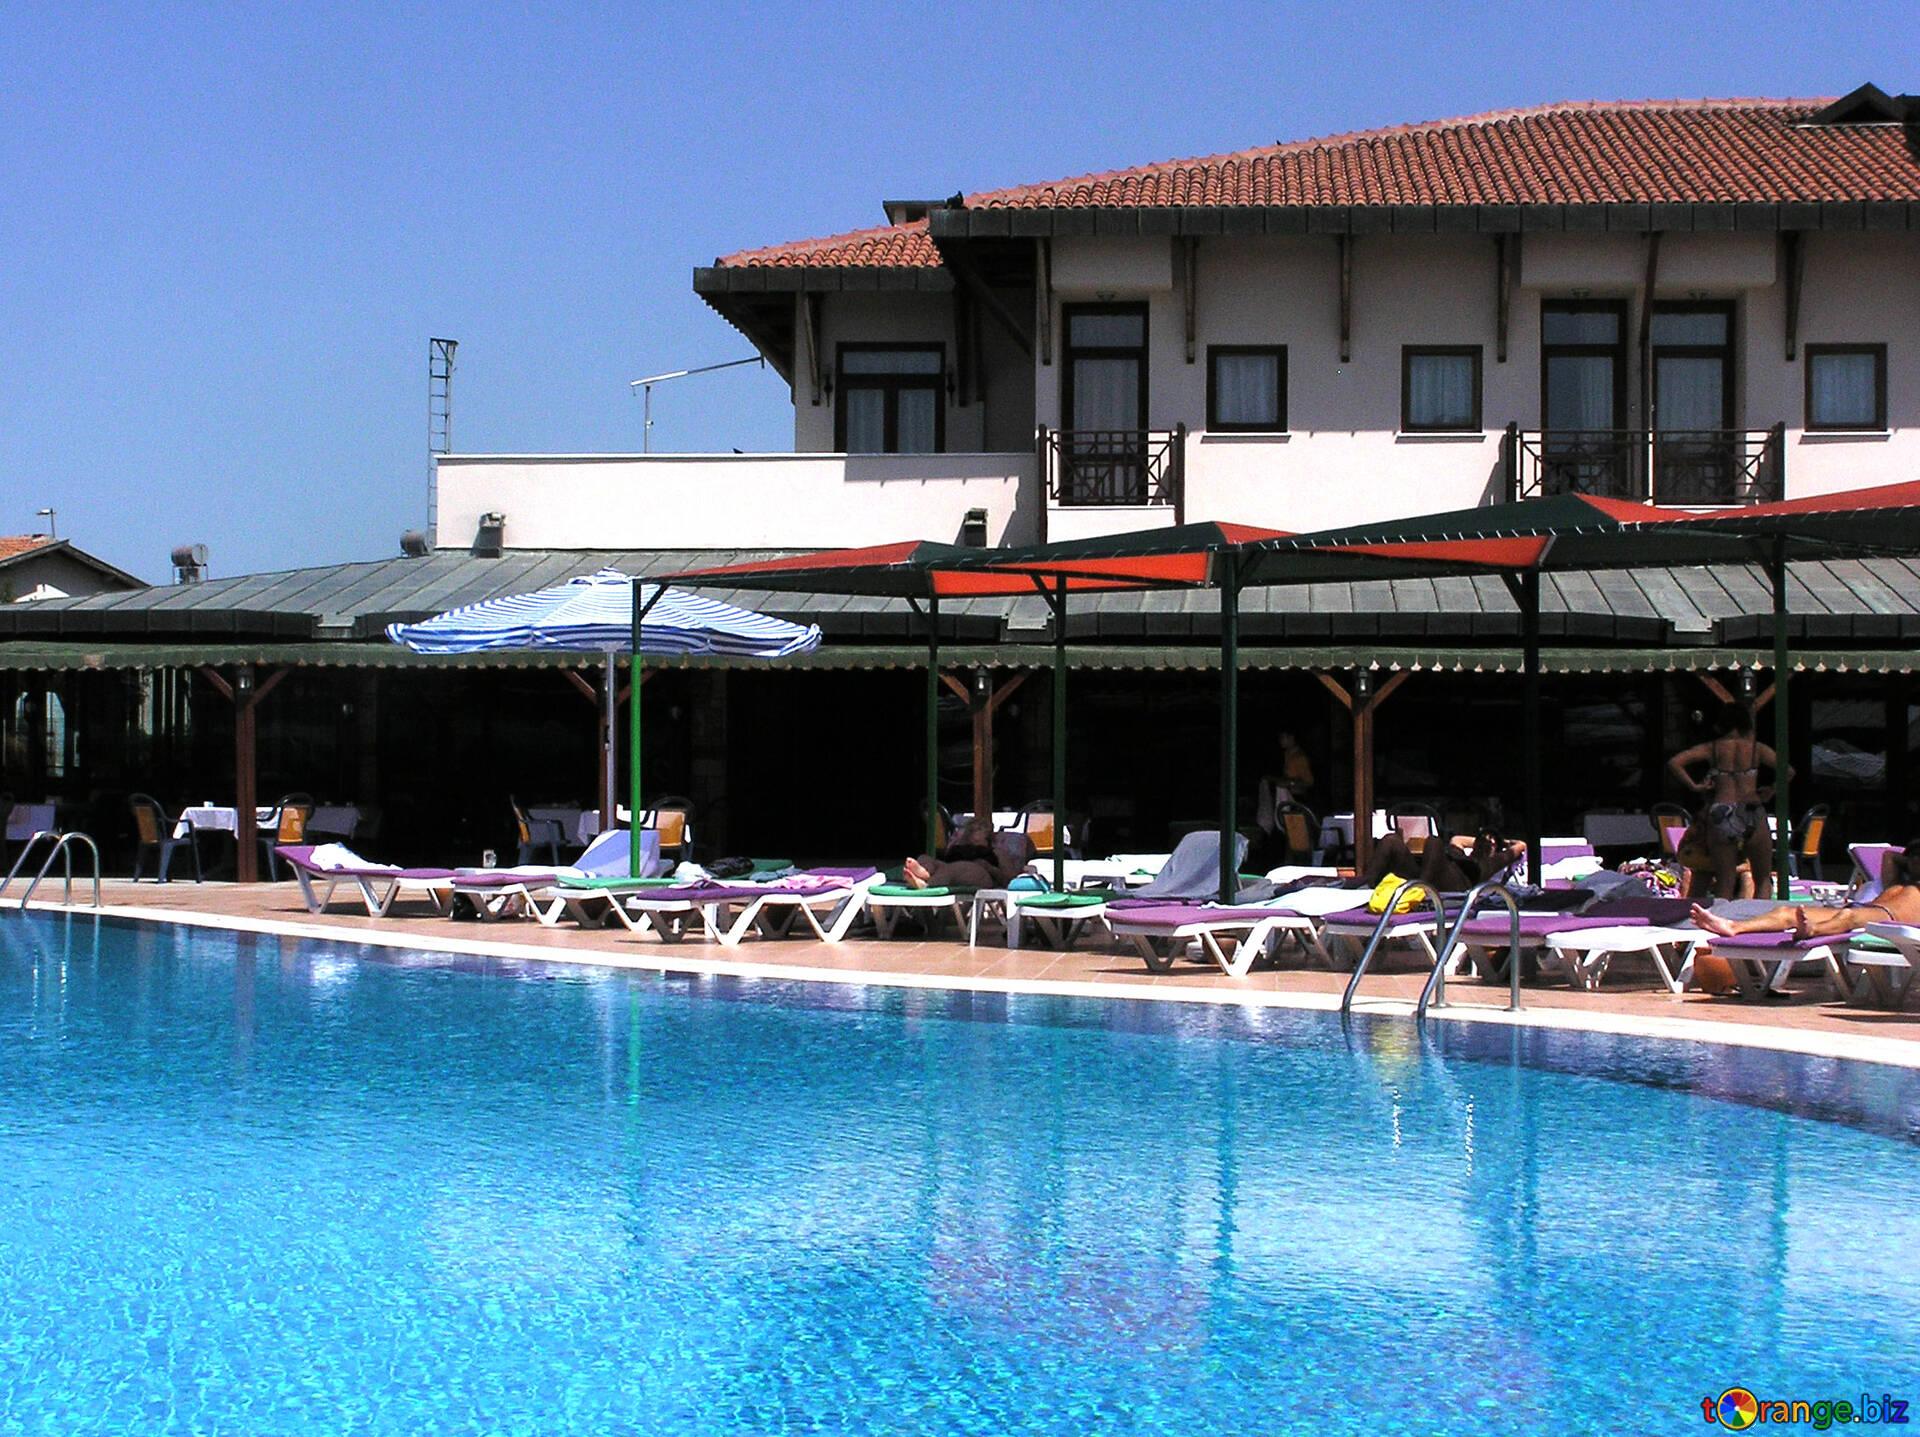 Vacances En Turquie Piscine À Proximité De L'hôtel Piscine ... destiné Piscine A Proximité